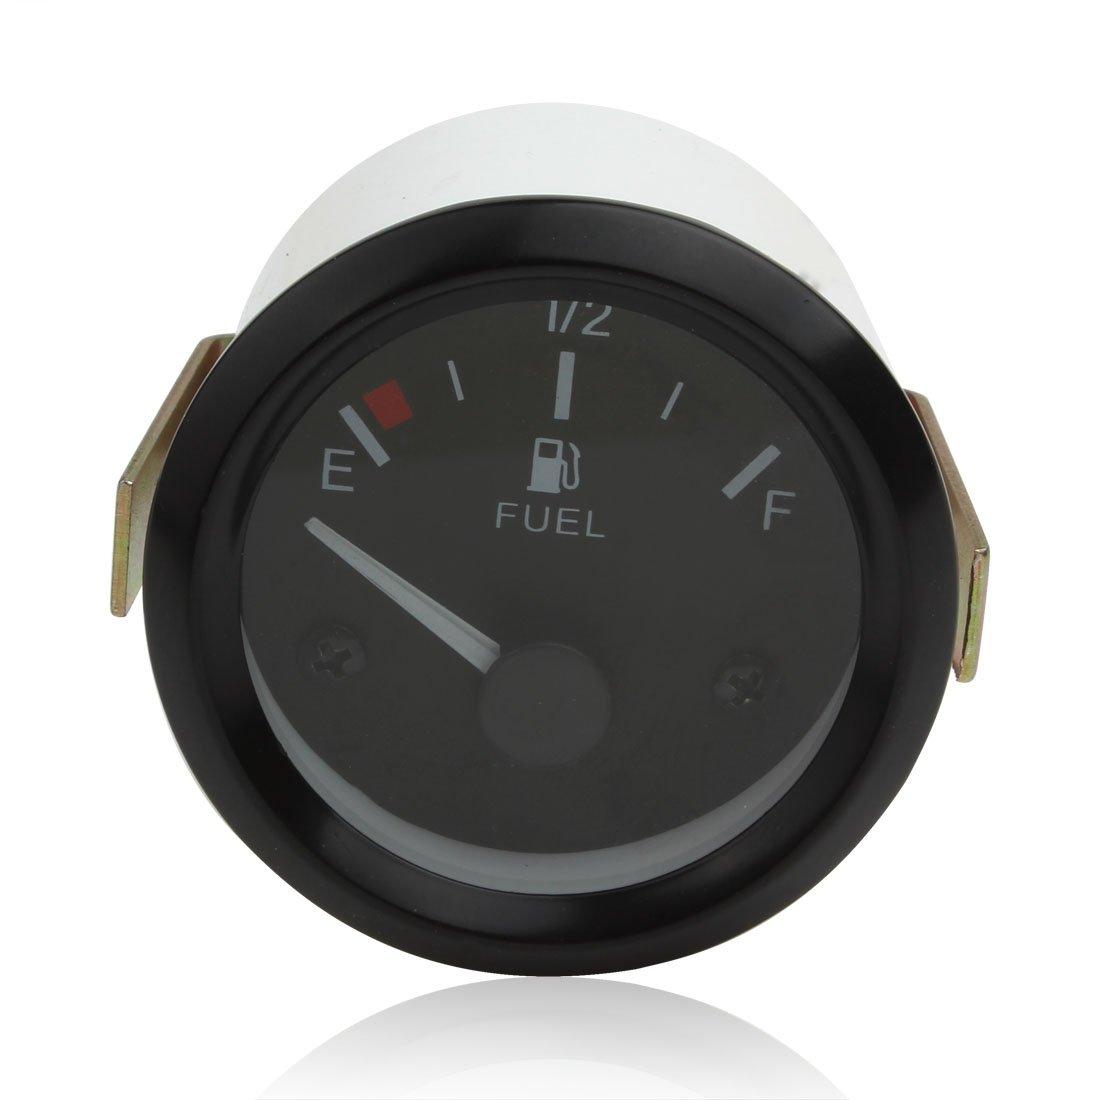 Auto Instruments Jauge de Niveau de Carburant Universelle + Capteur de Carburant, Pointeur E-1 / 2-F ePathChina